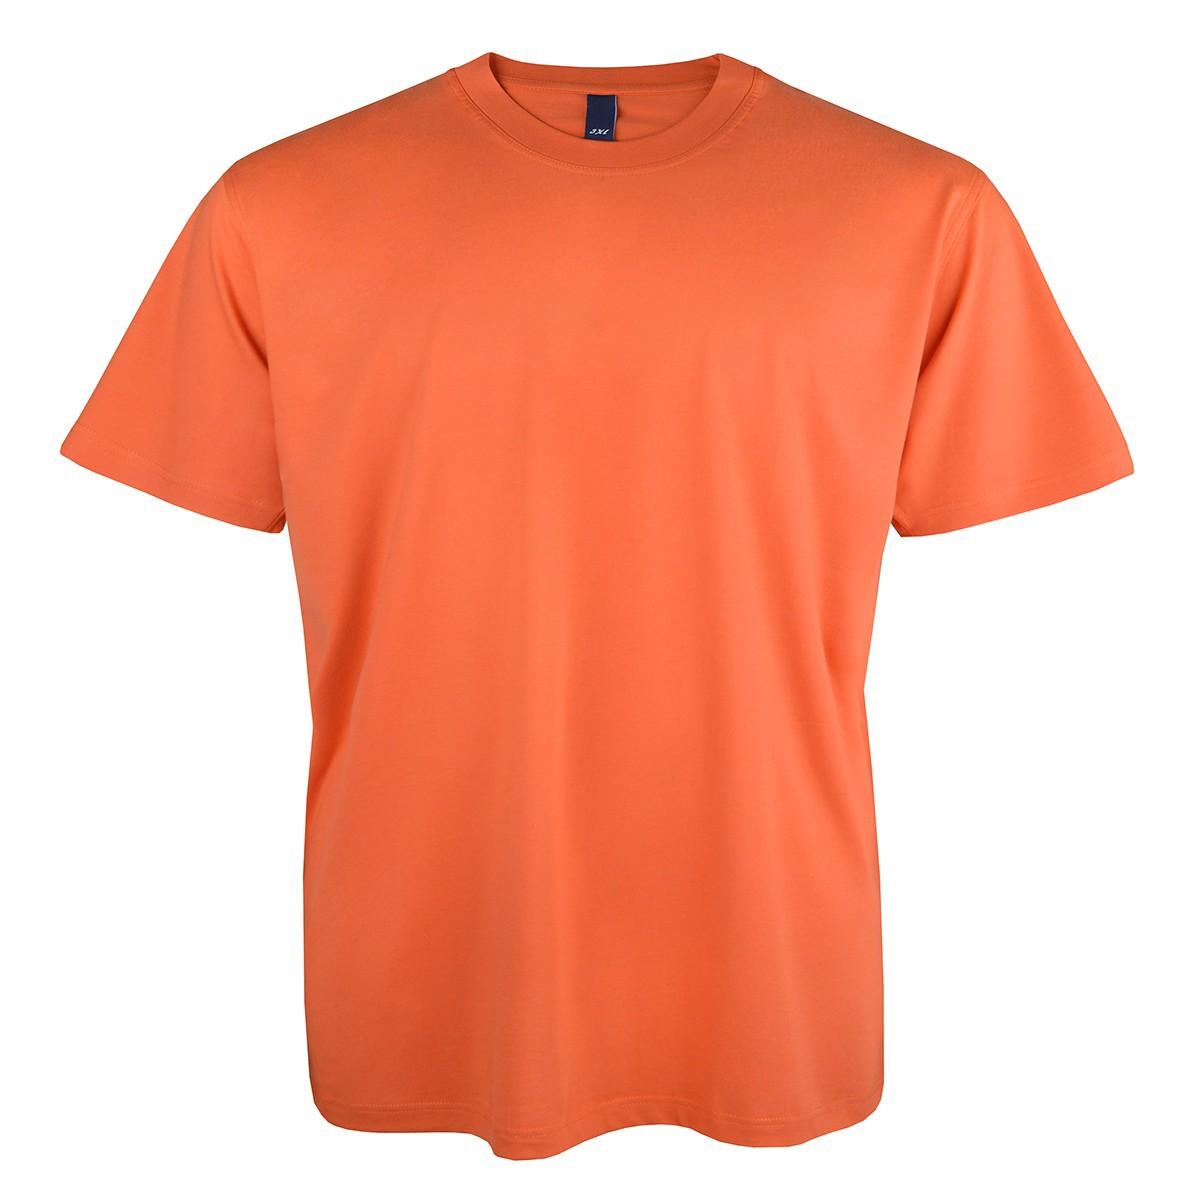 t shirt herren bergr e orange dave s. Black Bedroom Furniture Sets. Home Design Ideas